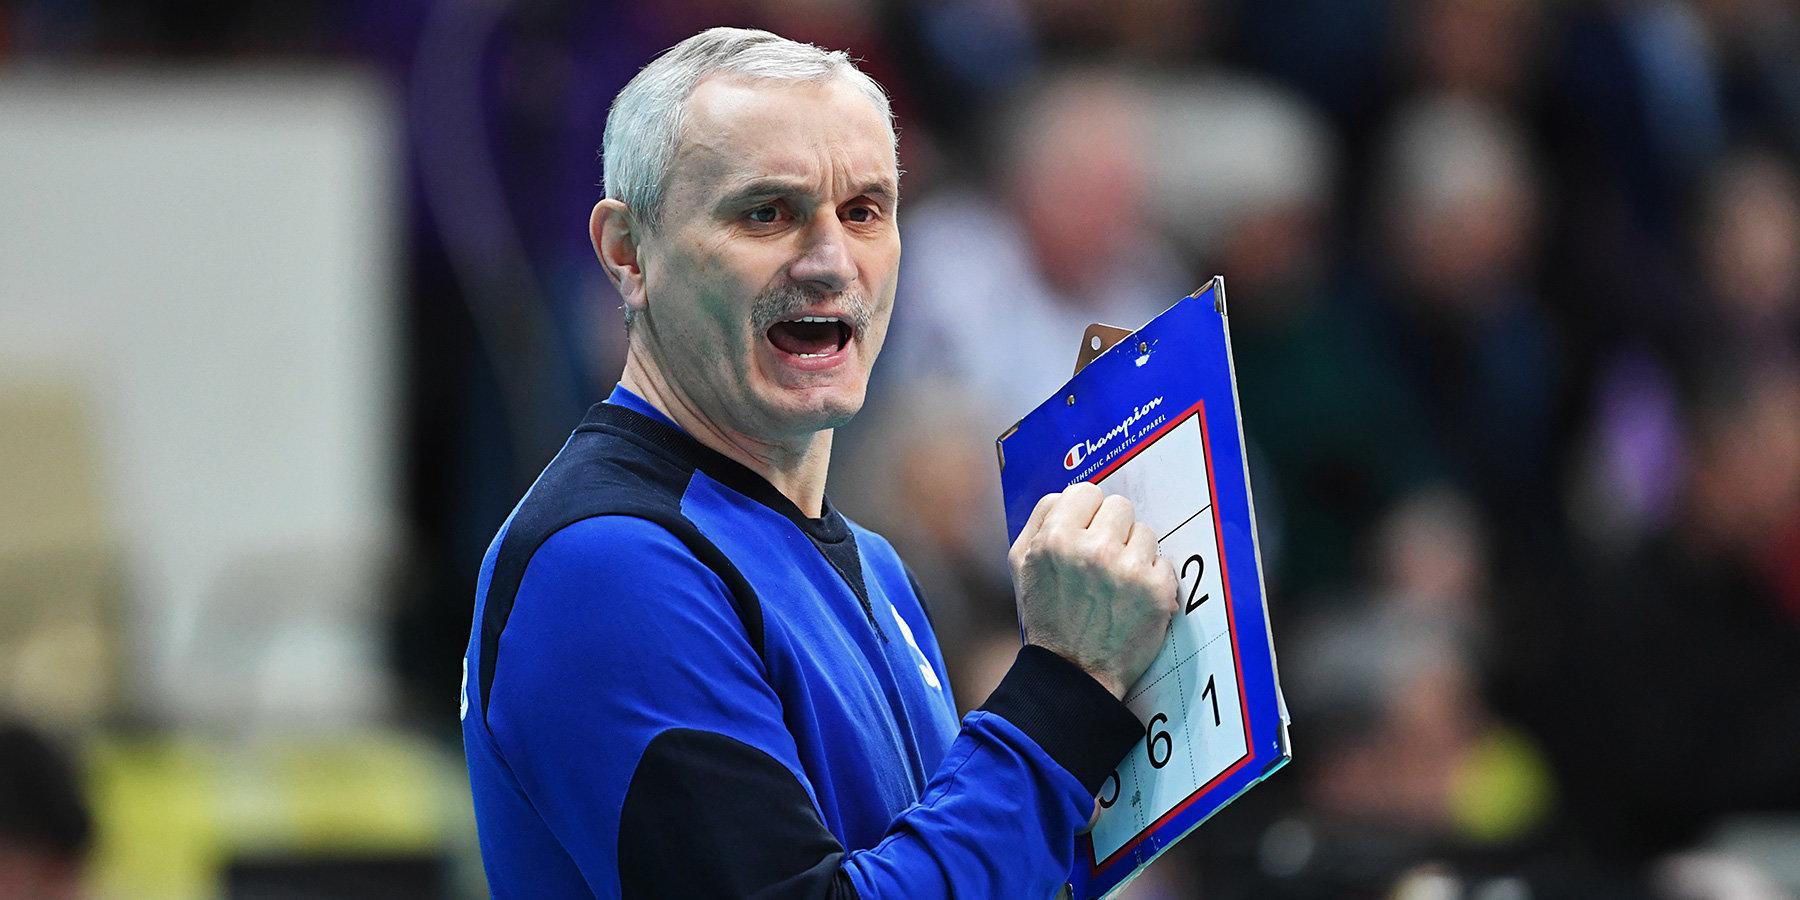 Маричев стал главным тренером «Енисея»